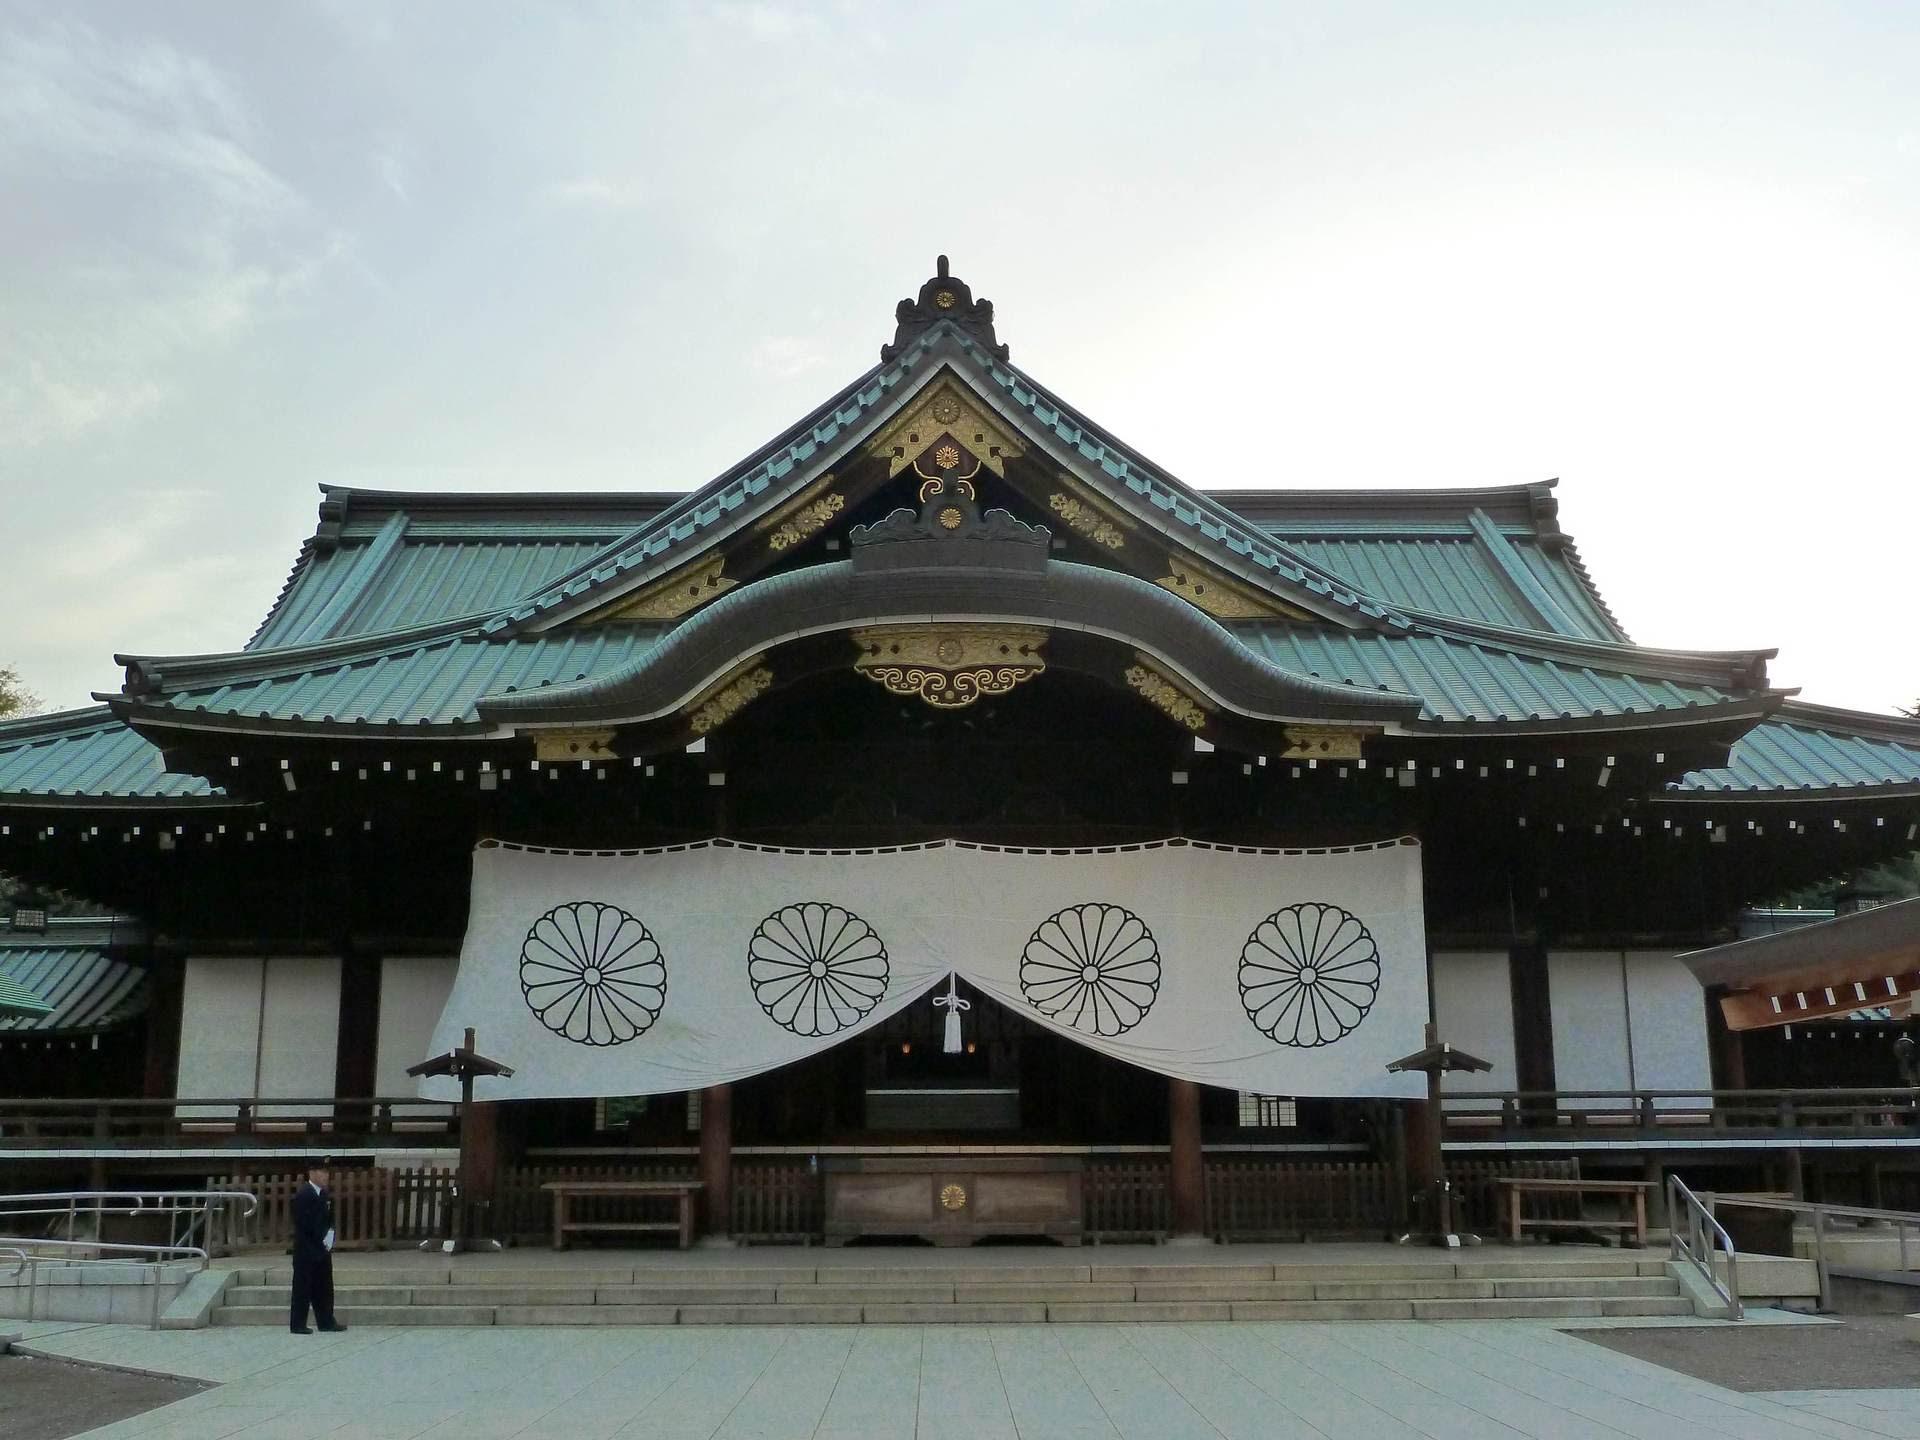 靖国神社 國神社 上総の写真 クリックすると壁紙サイズの写真